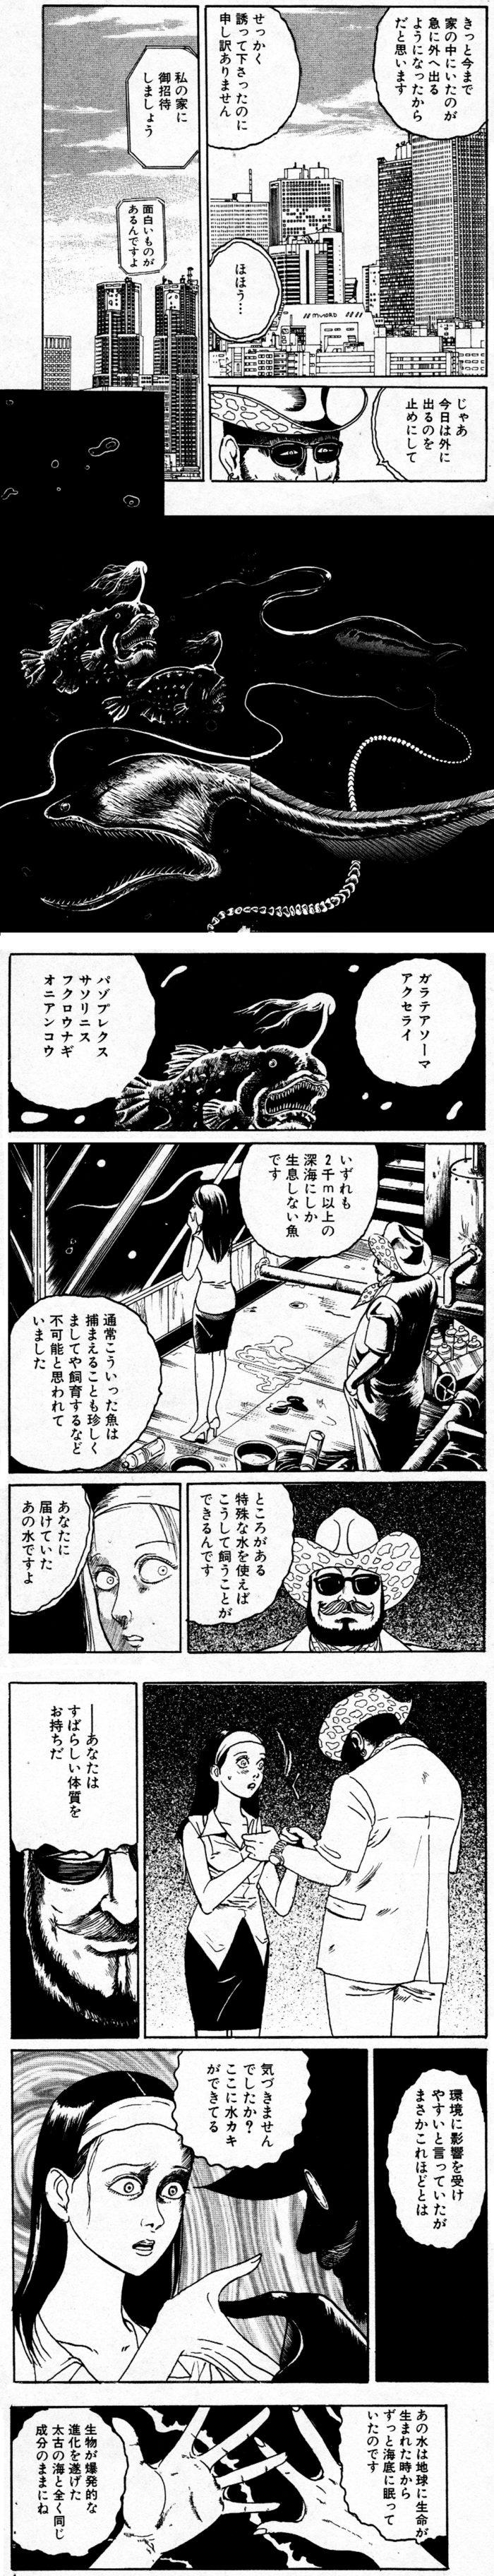 ankoku-shinkai-06